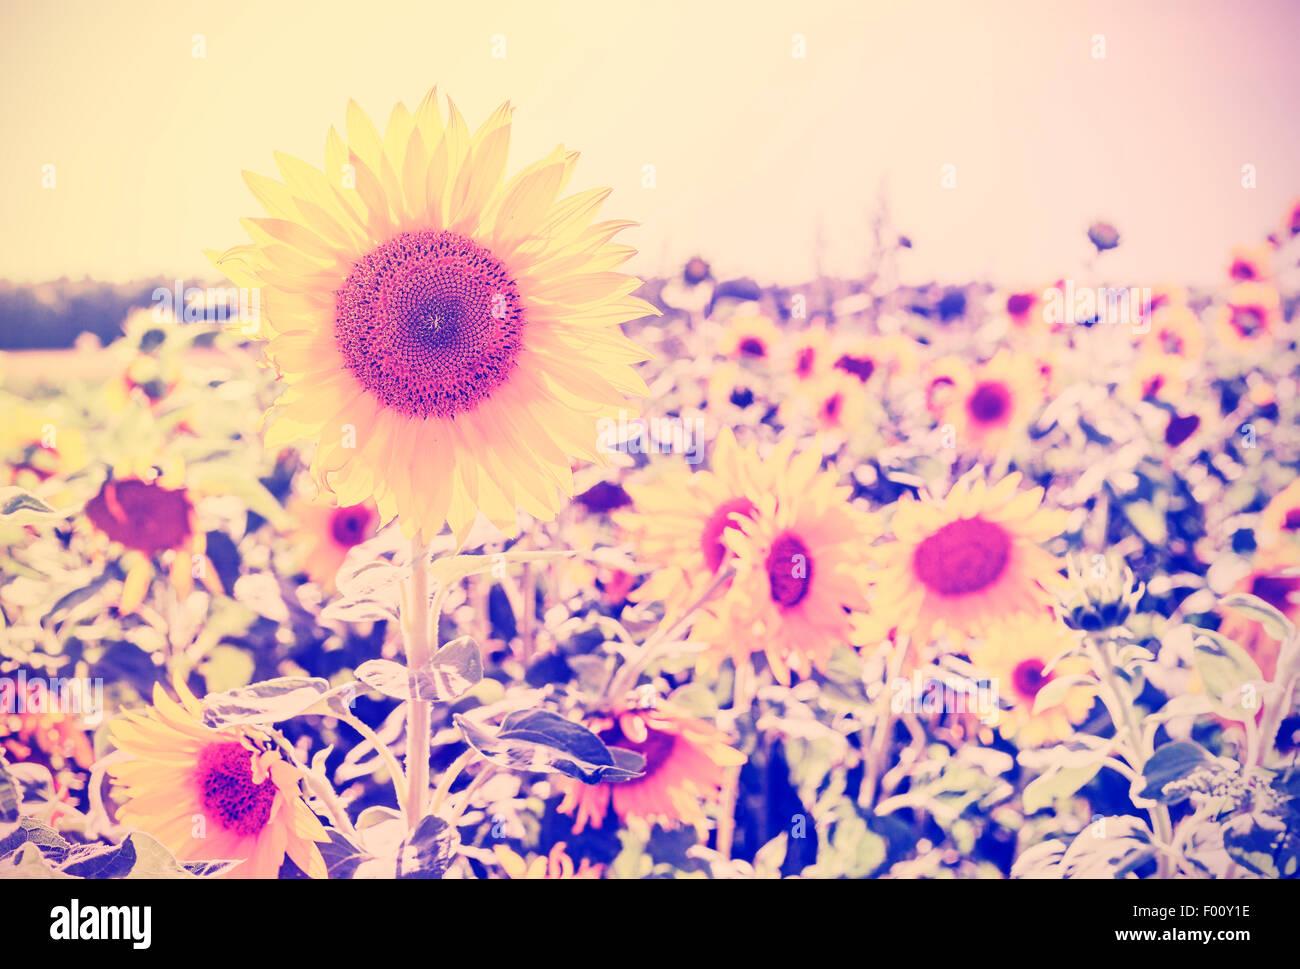 Vintage getönten Sonnenblumen, Natur Hintergrund. Stockbild